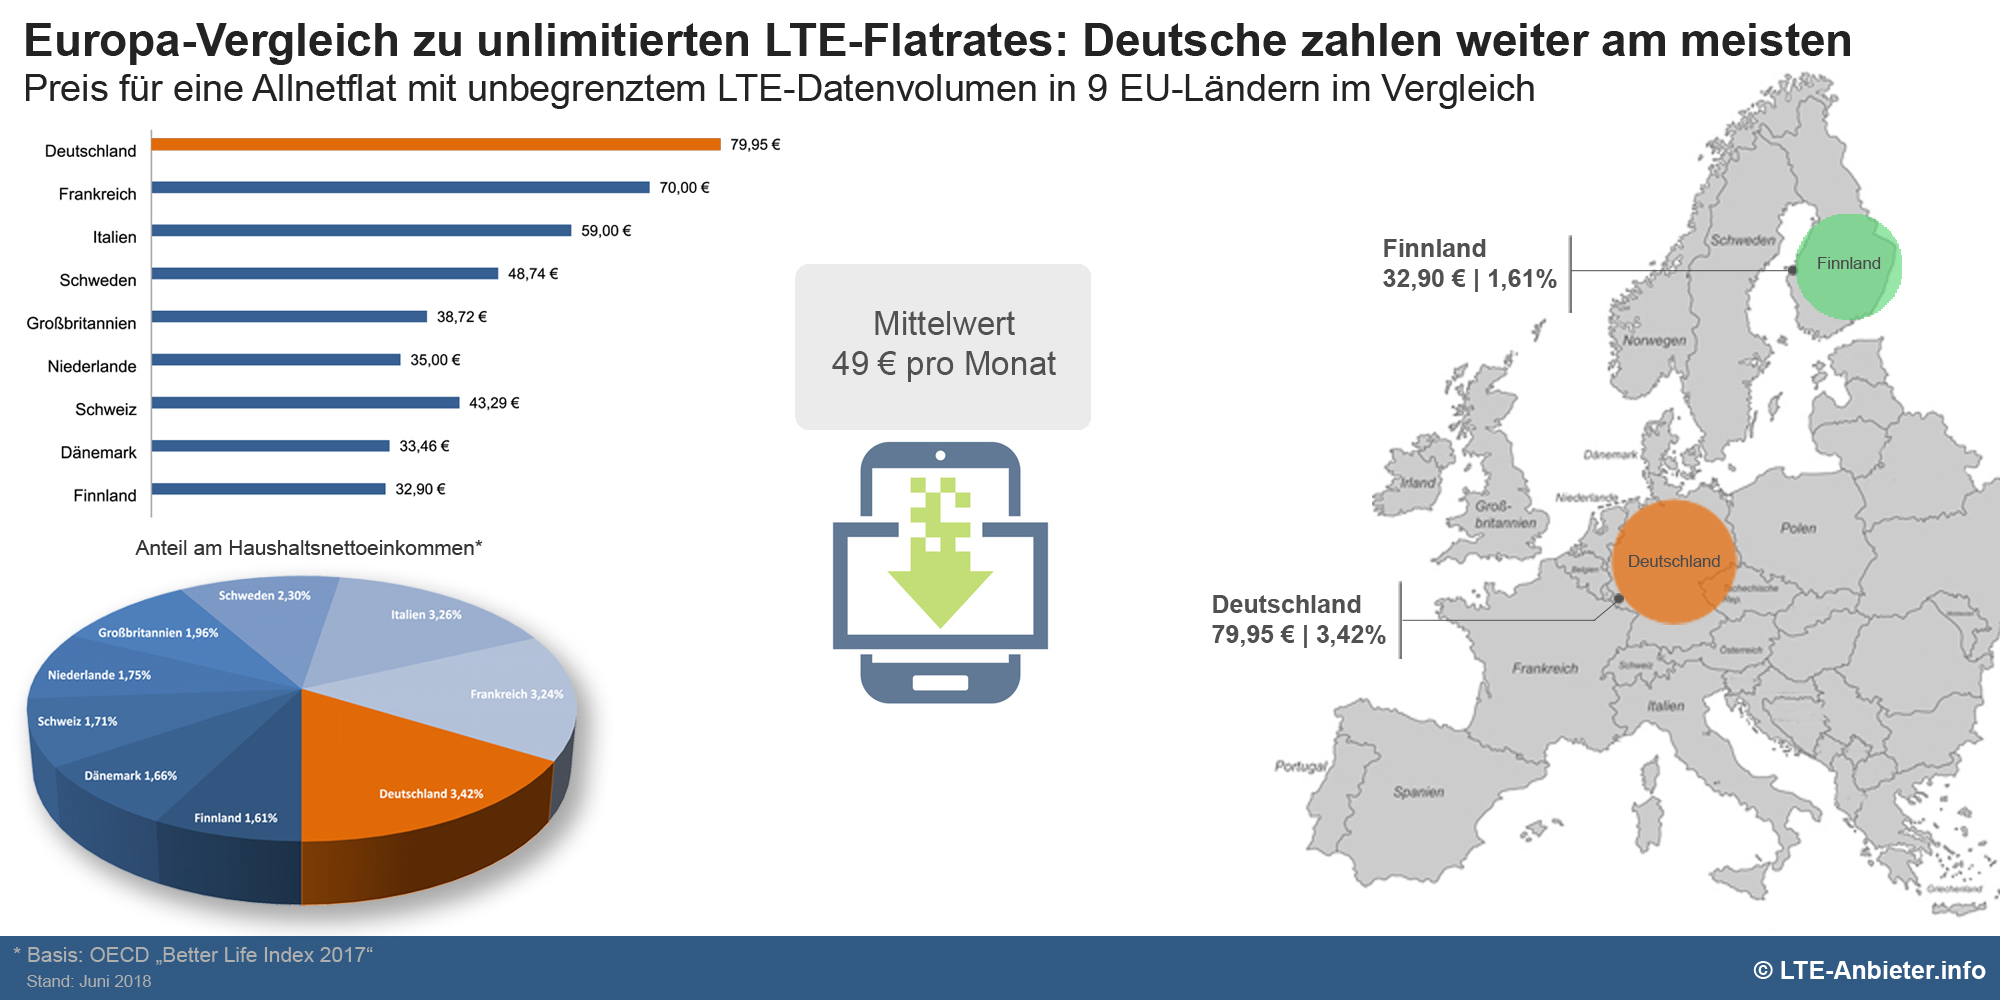 Infografik Europa Vergleich LTE Flatrates Deutschland auf letztem Platz